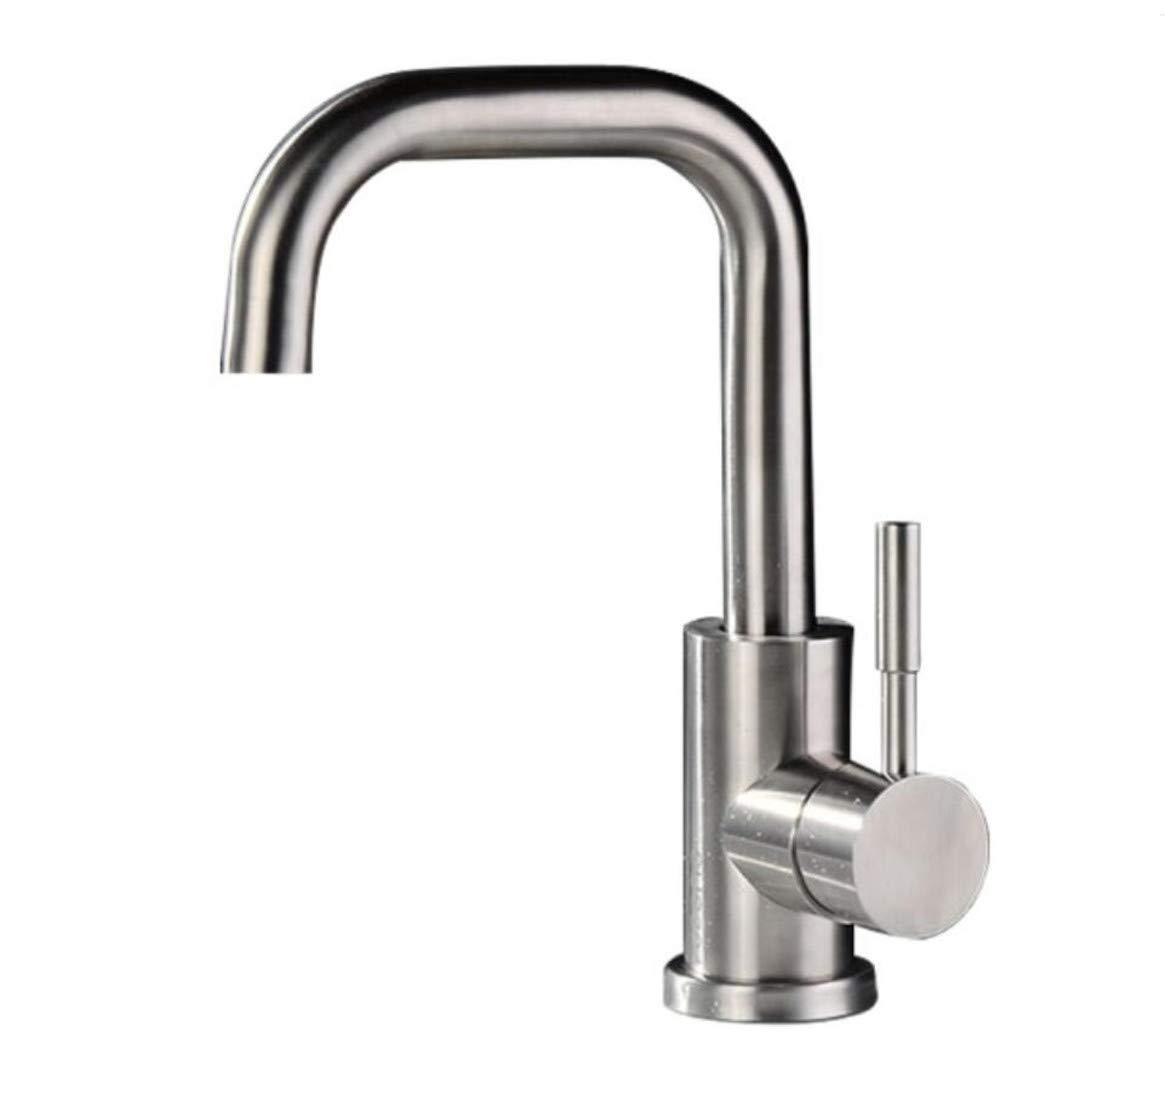 Mucert 304 Edelstahl, Waschbecken Wasserhahn, Heißes Und Kaltes Wasser Kann Gedreht Werden, Waschbecken Wasserhahn.